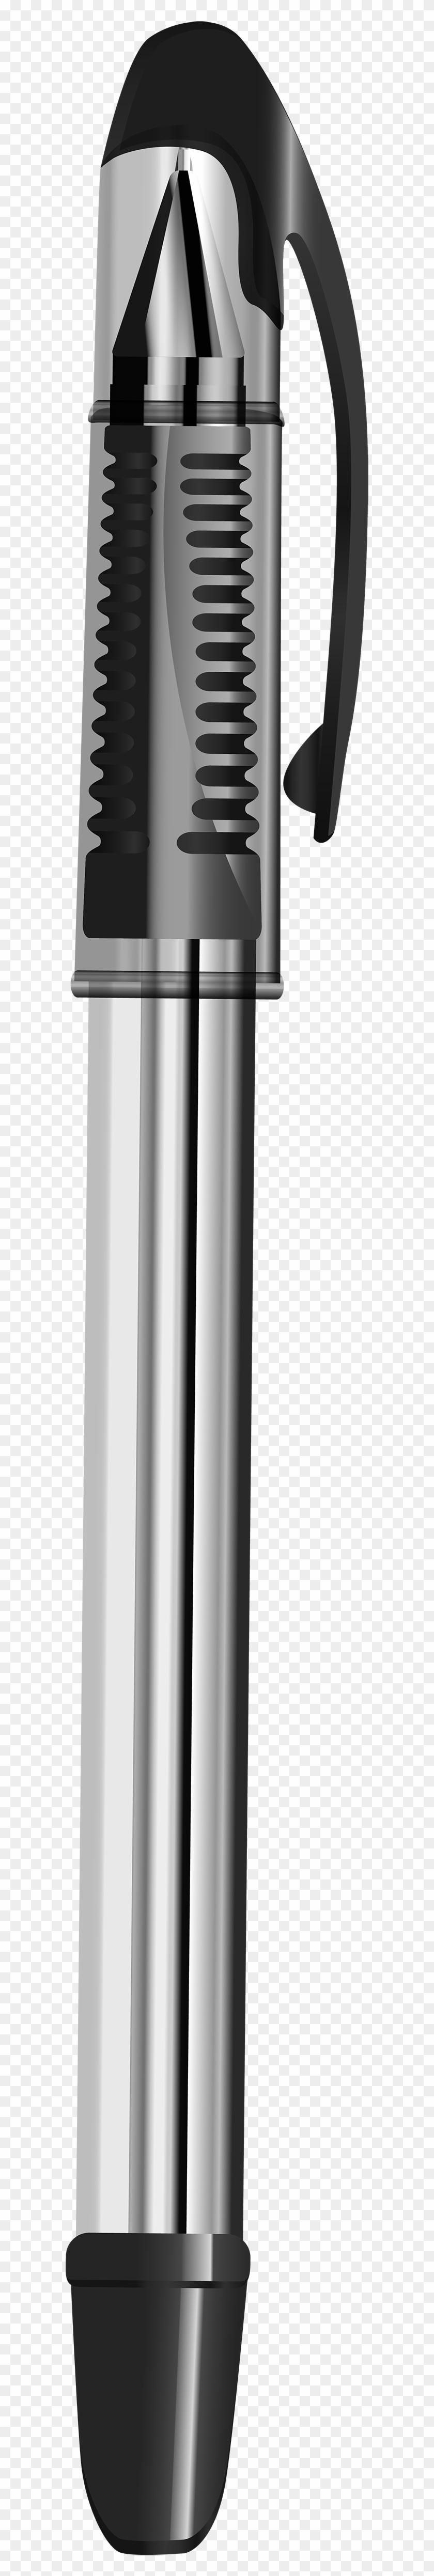 Black Pen Png Clip Art - Clip Art #103246